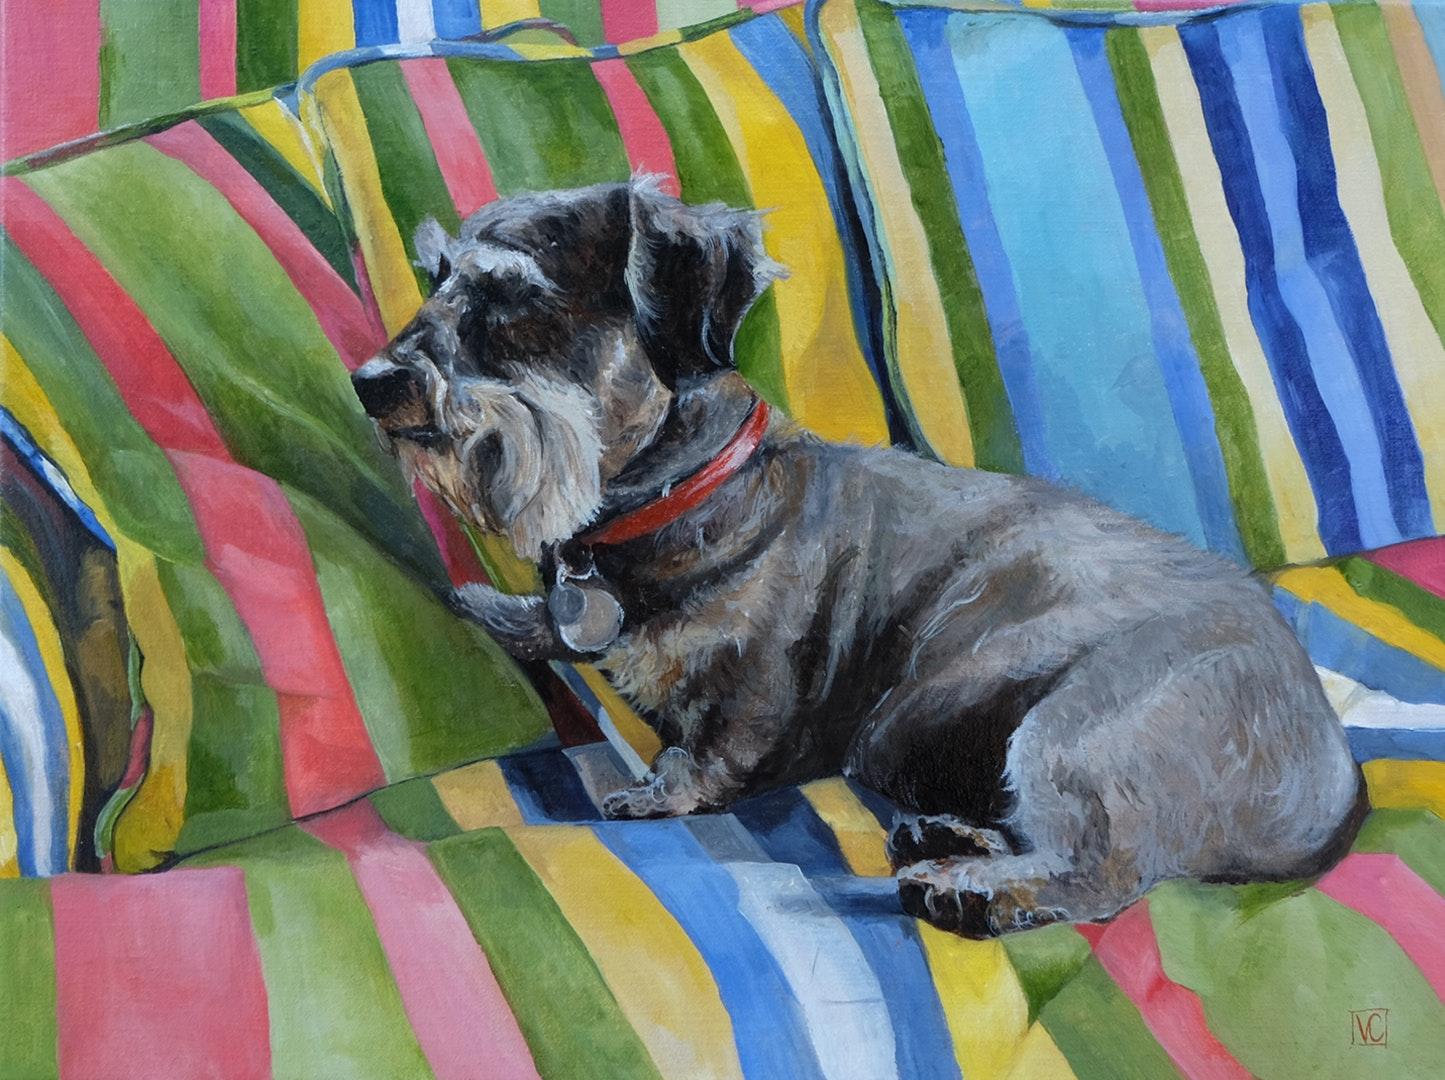 'Max on the Technicolour Sofa' Virginia Cayzer, Oil on linen, 30 x 40 cm